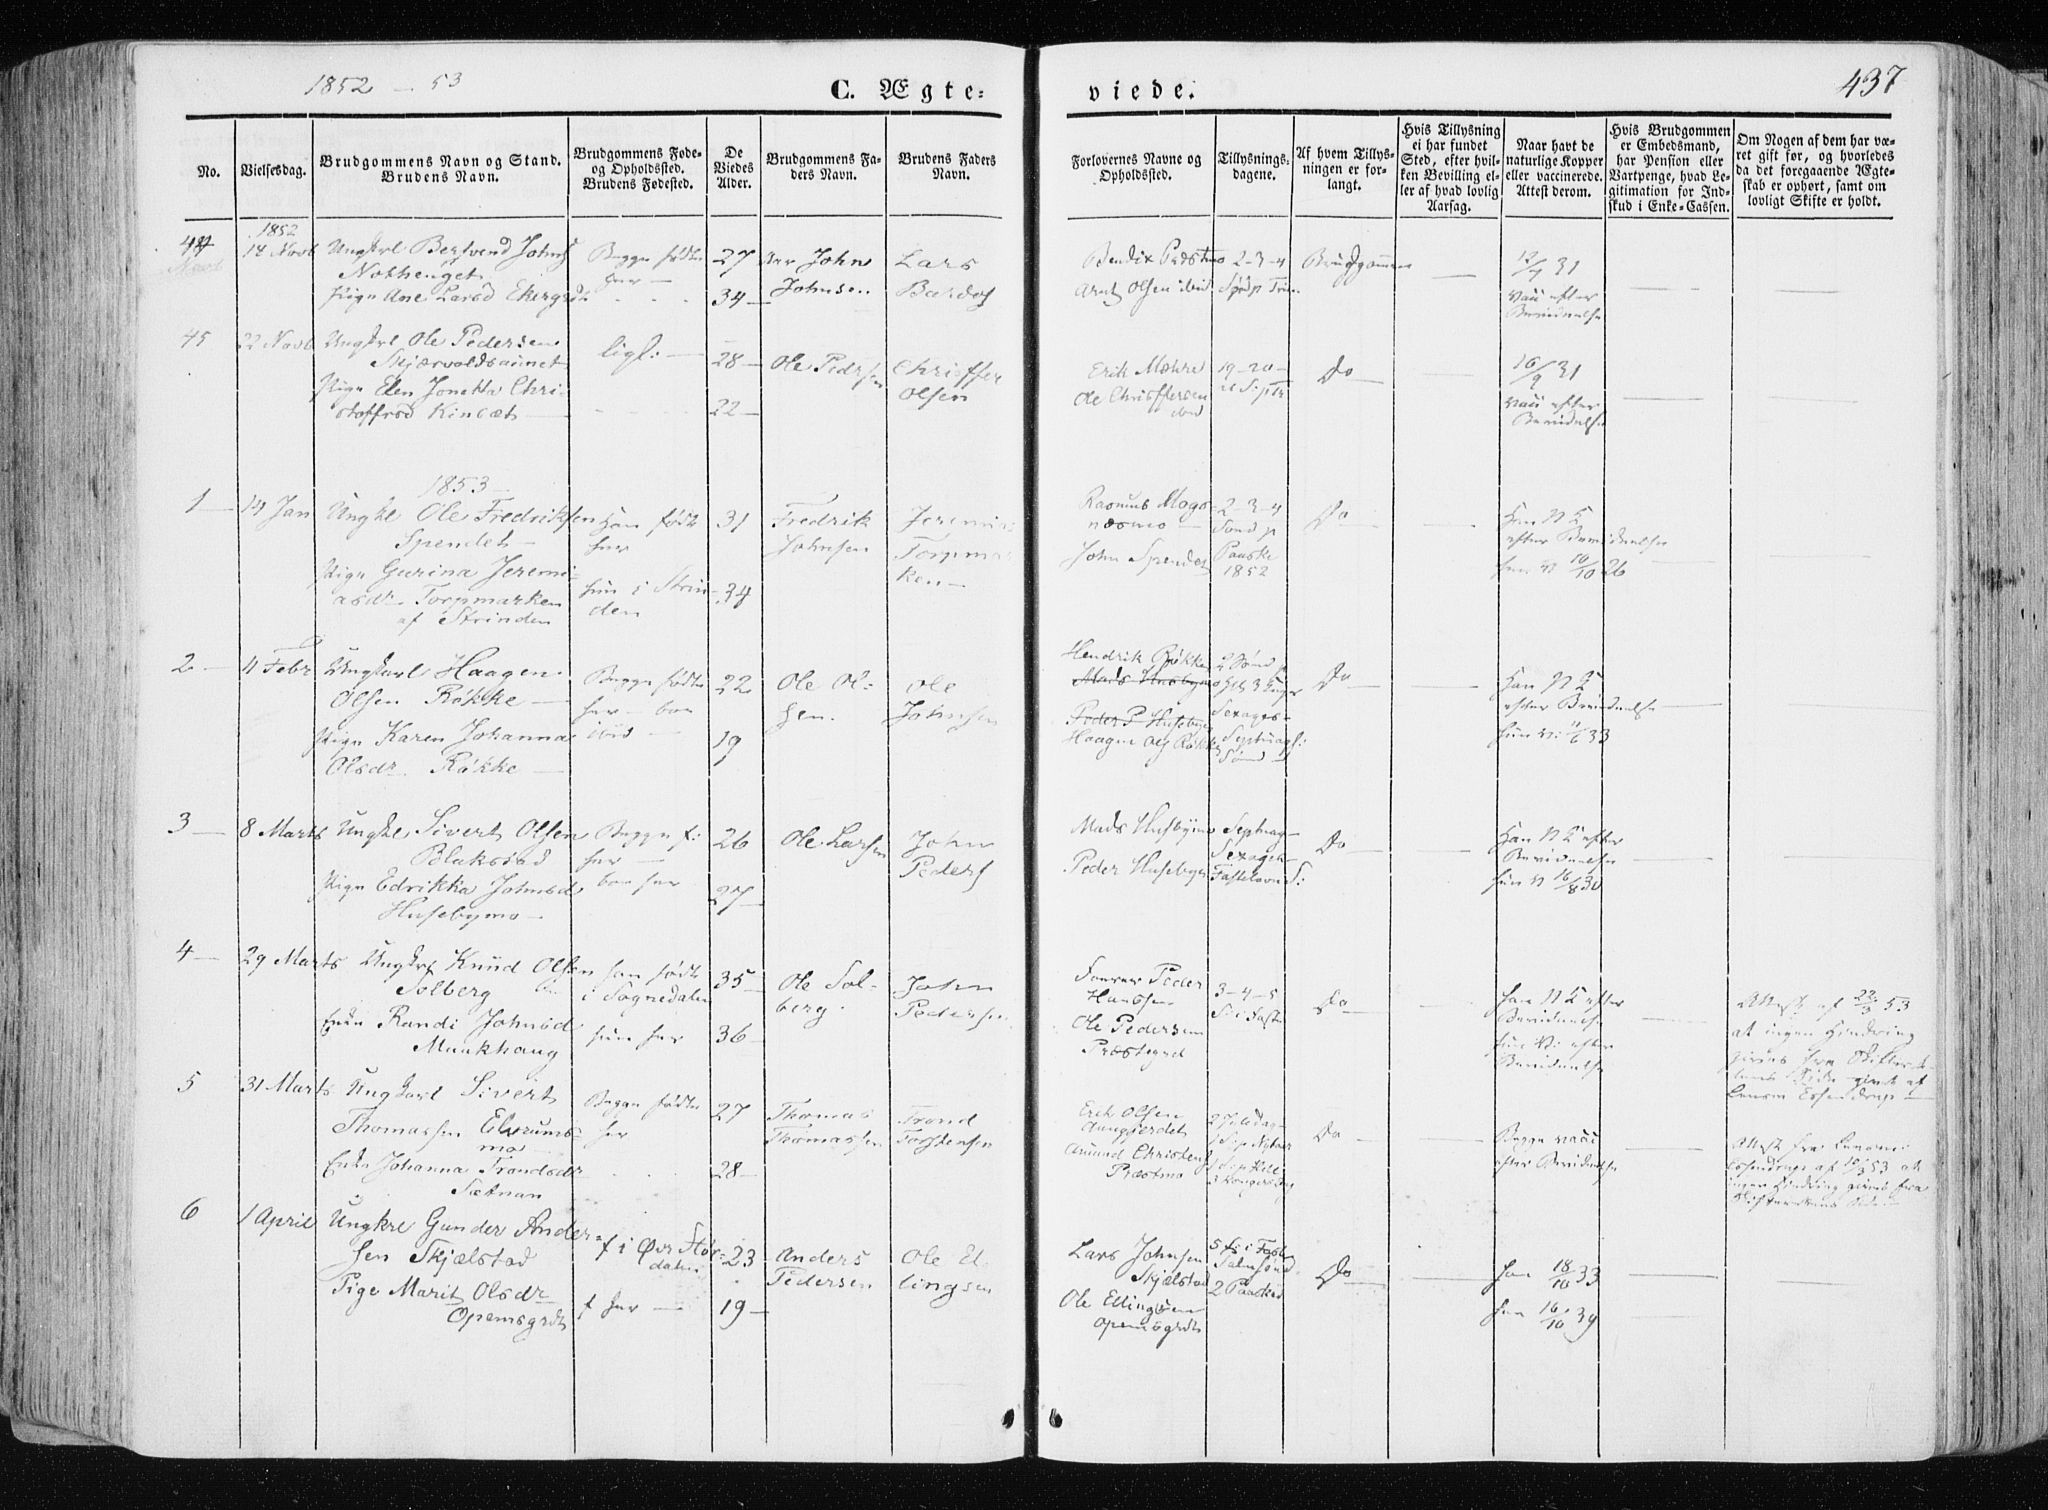 SAT, Ministerialprotokoller, klokkerbøker og fødselsregistre - Nord-Trøndelag, 709/L0074: Ministerialbok nr. 709A14, 1845-1858, s. 437